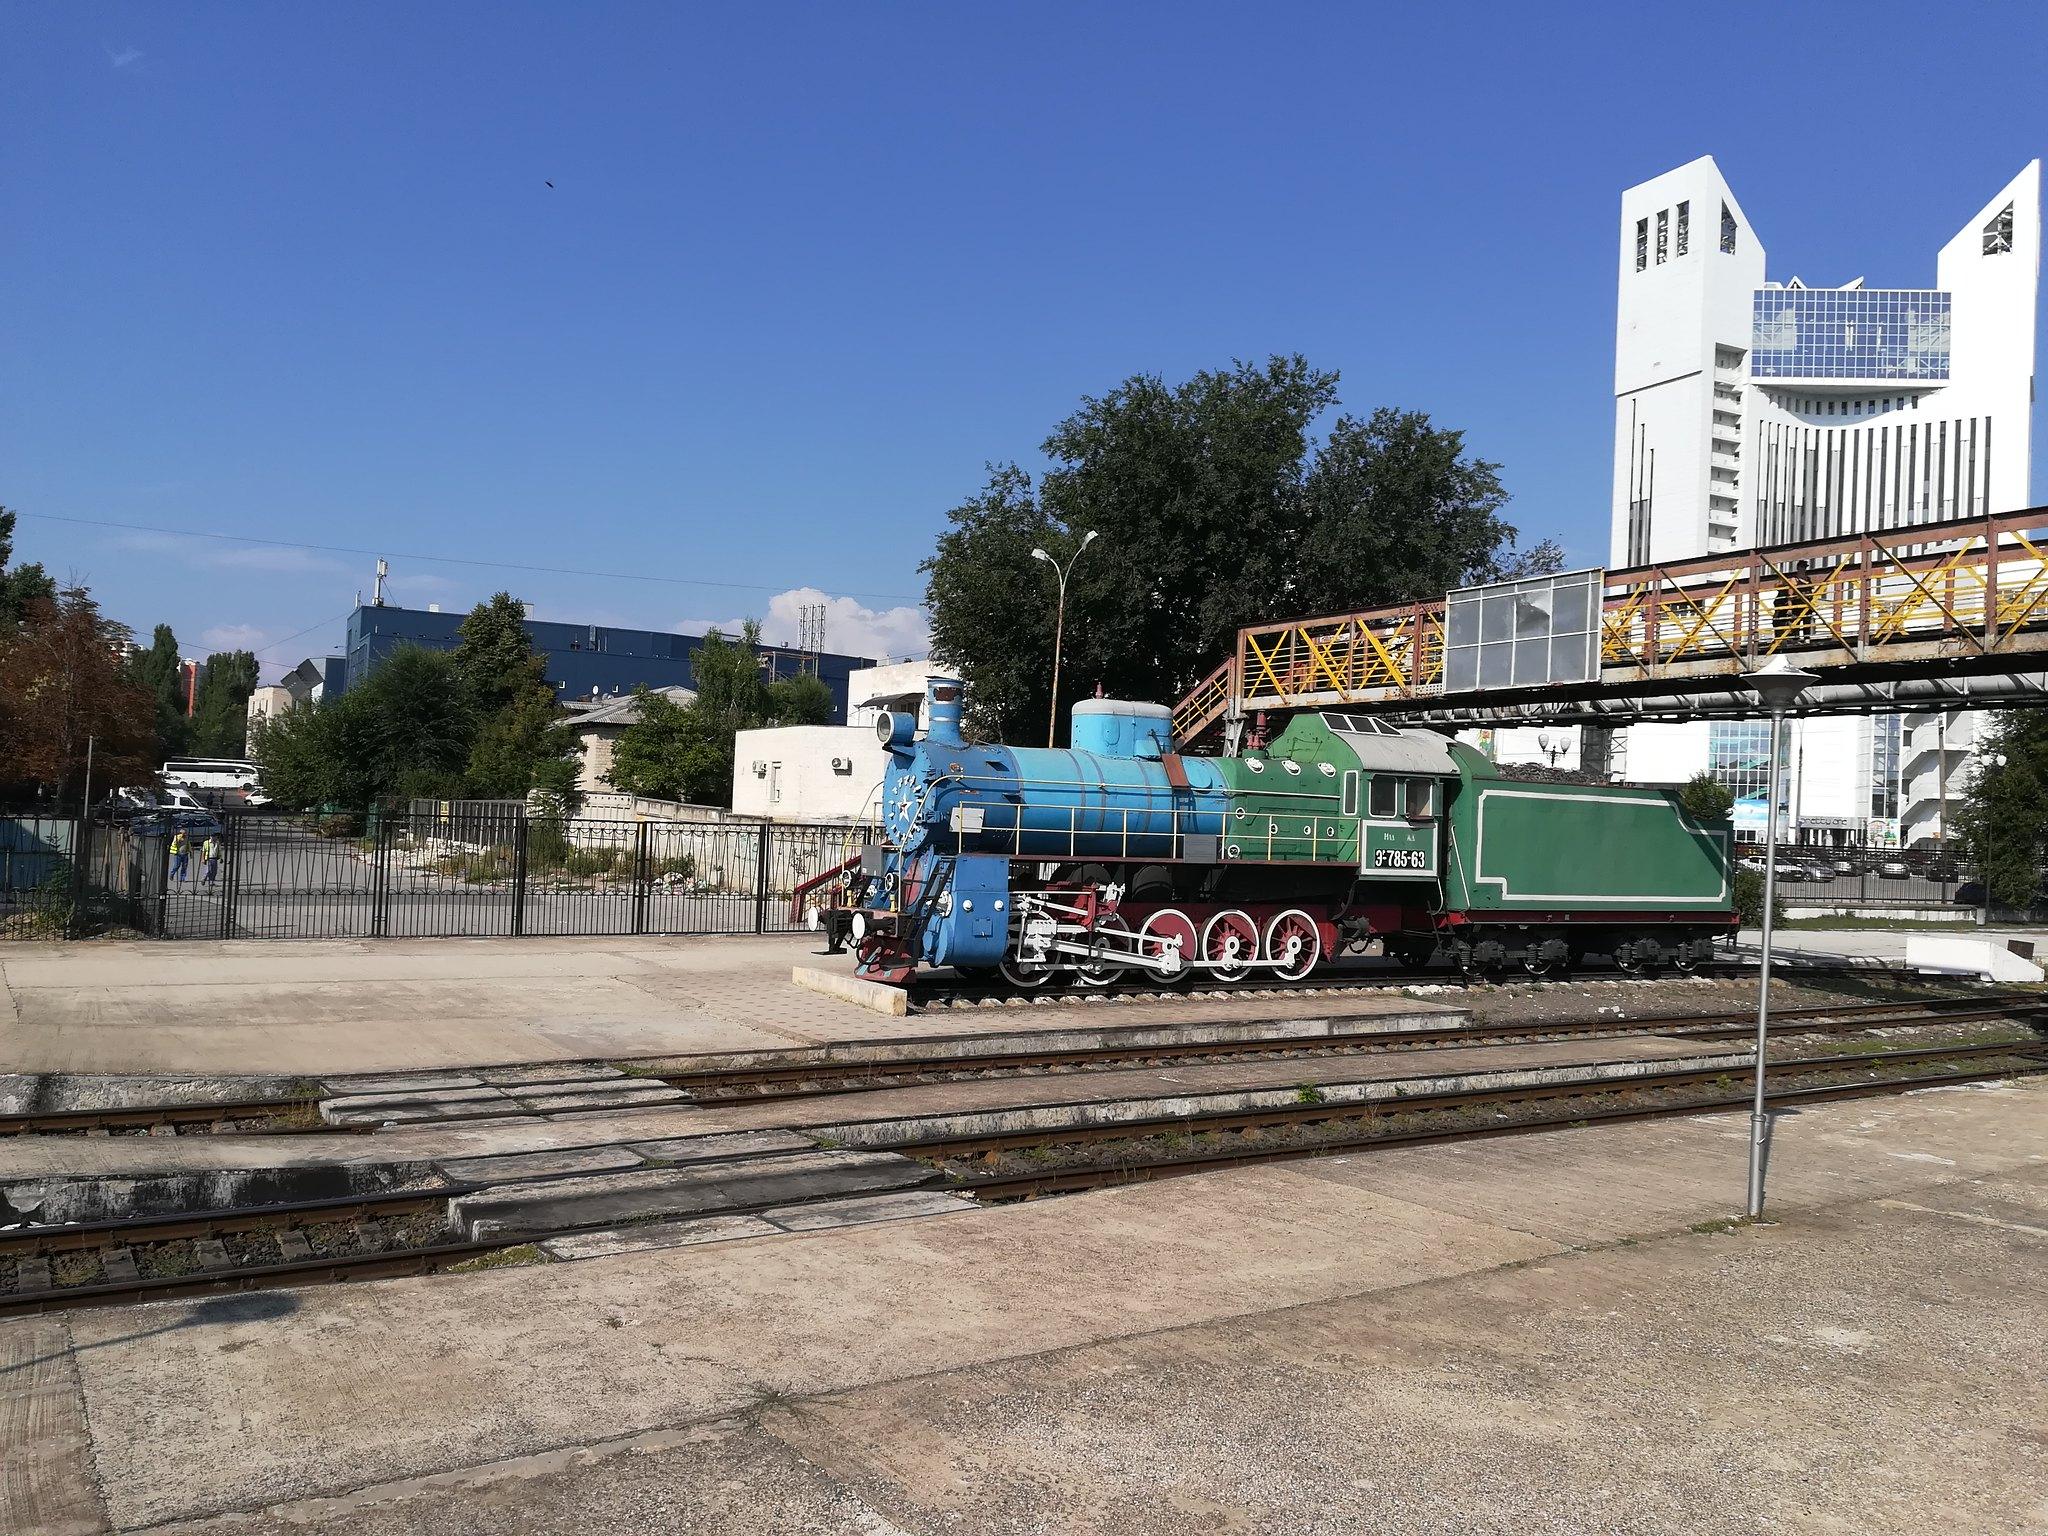 Reportaje feroviare Adirmvl - Pagina 15 44137630324_8da3fc038f_k